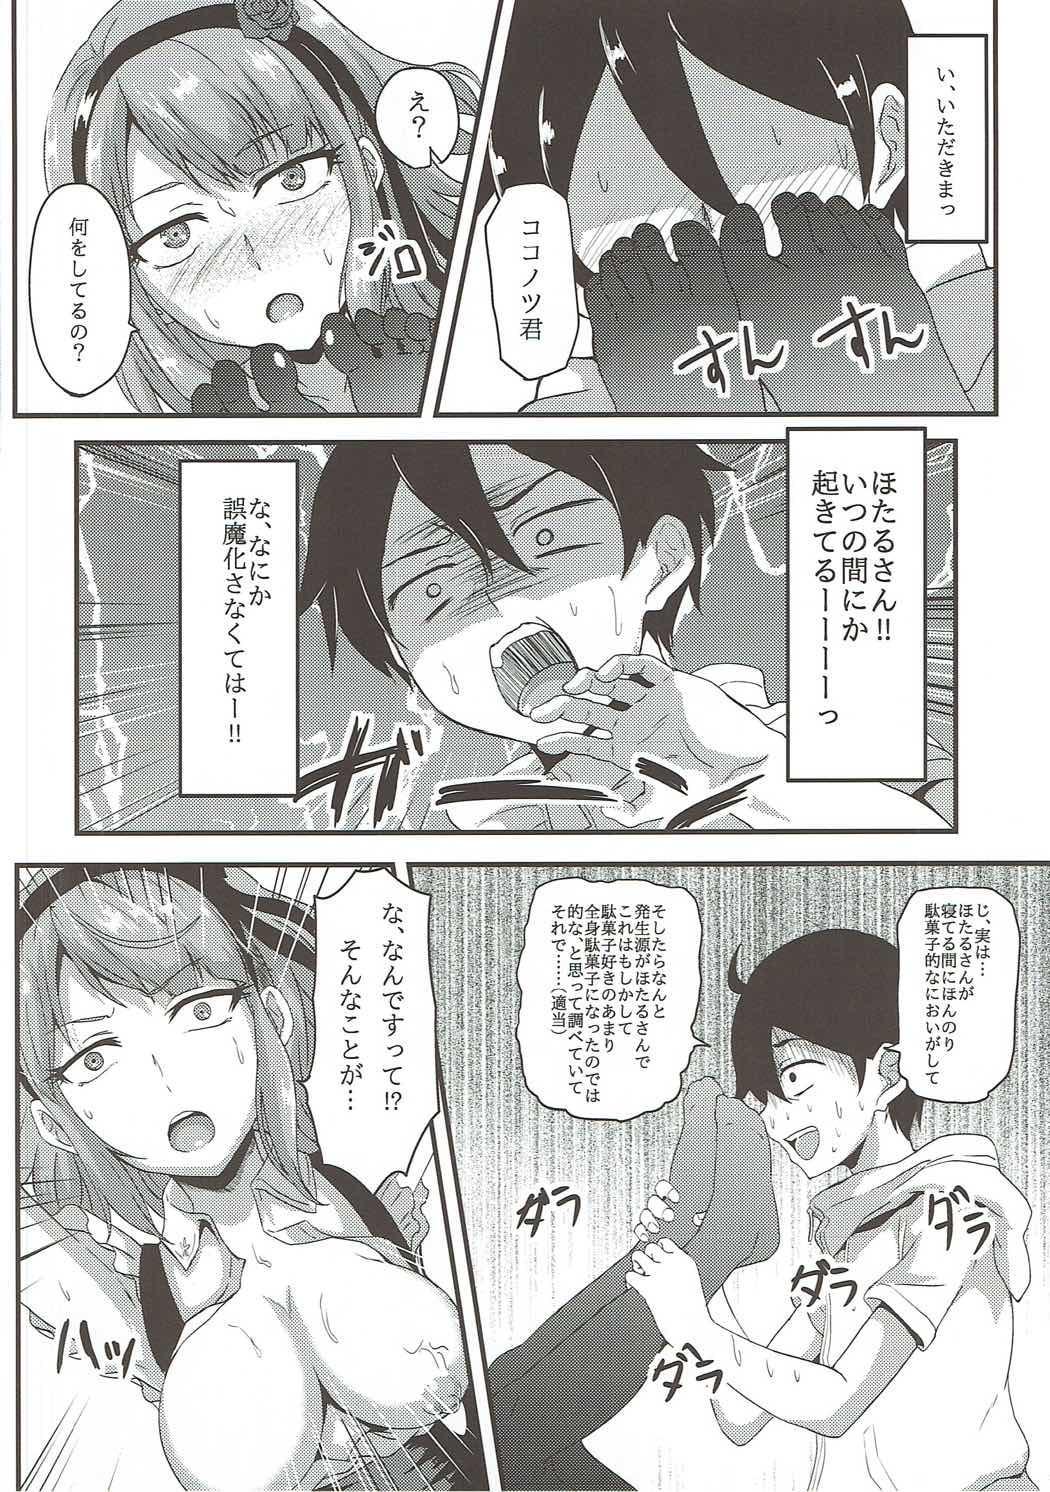 Hotaru-san wa Dagashi no Kaori? 8